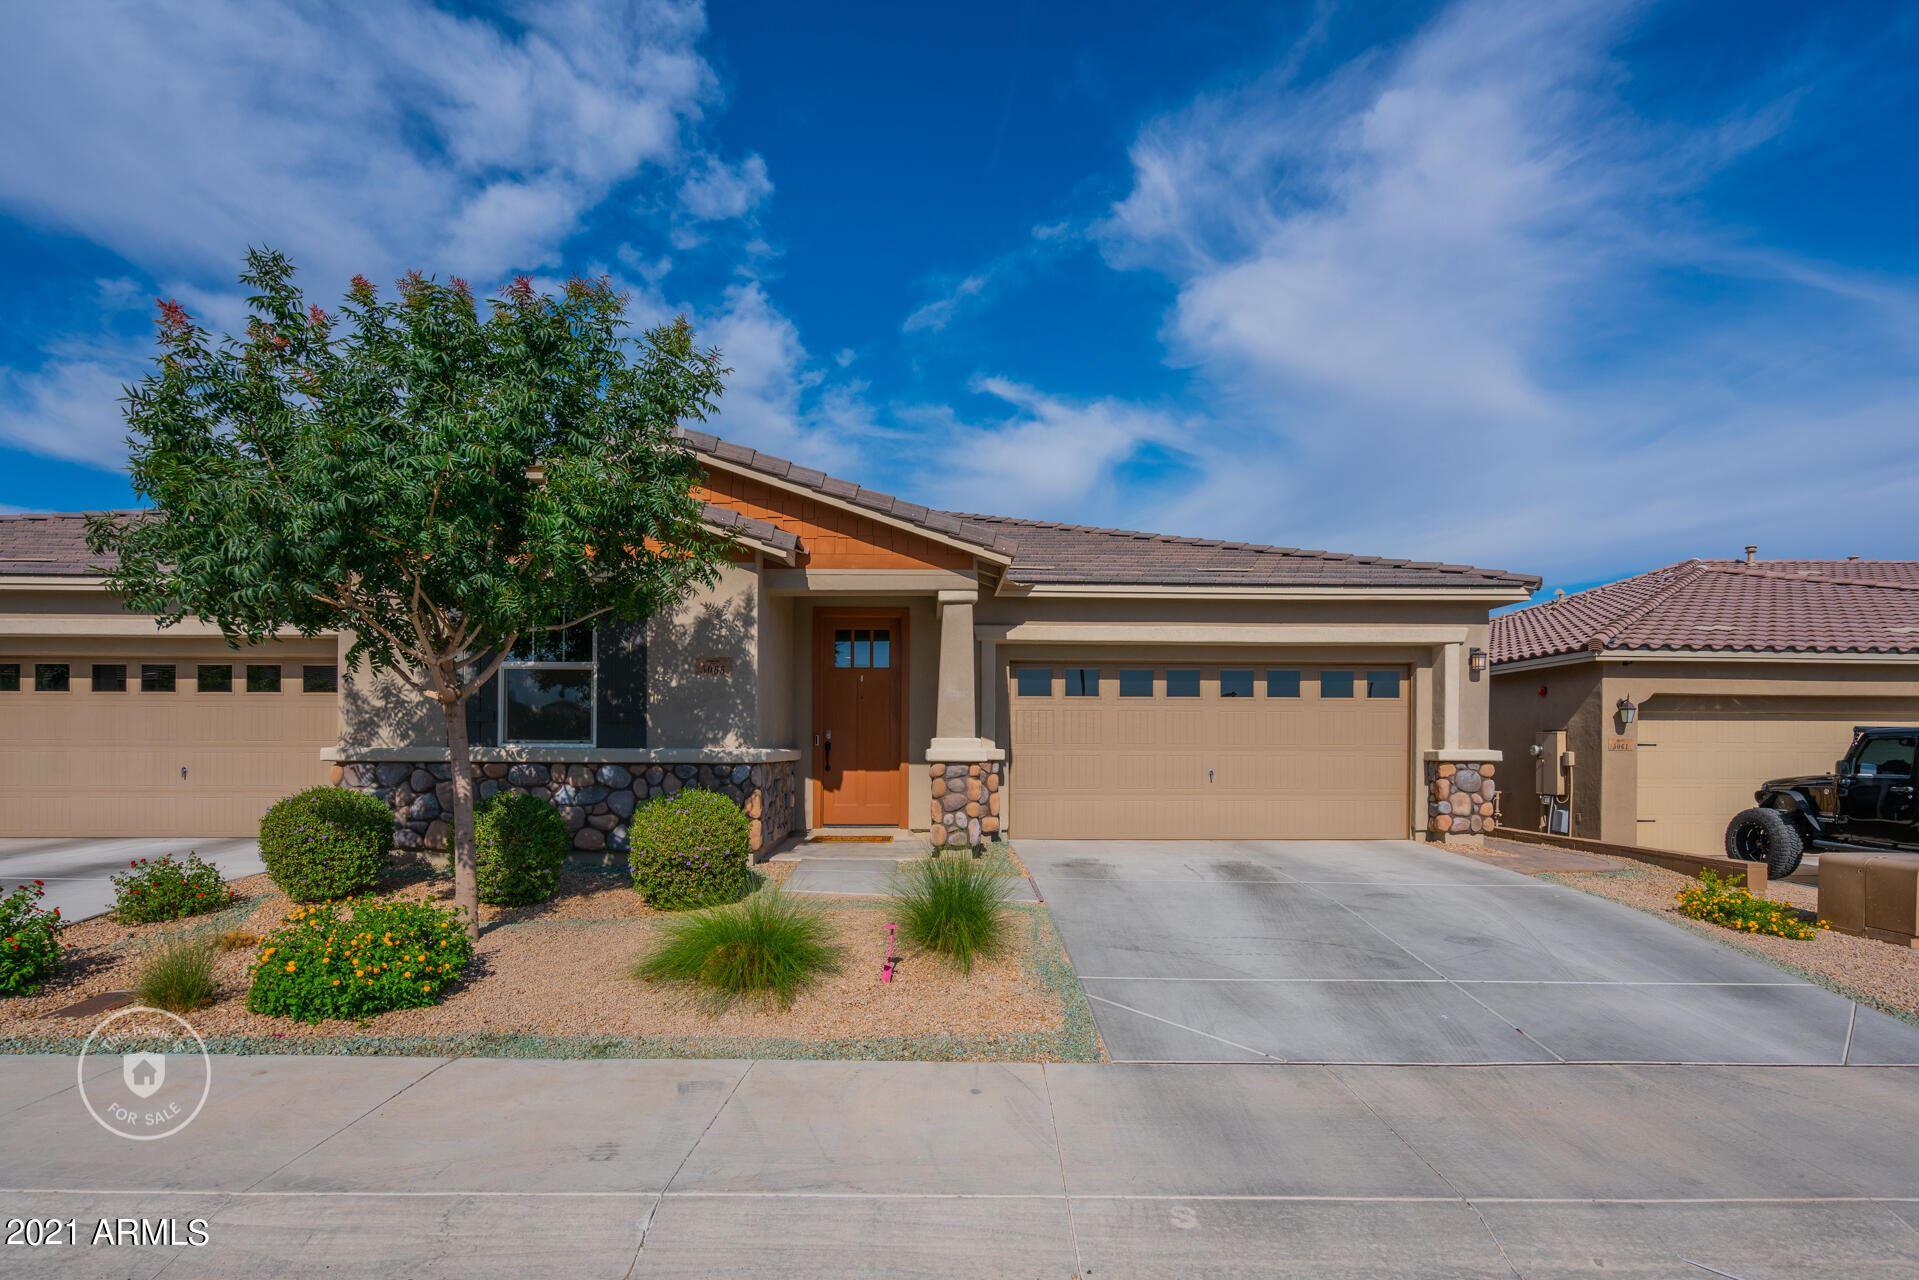 5065 N 145TH Drive, Litchfield Park, AZ 85340 - MLS#: 6245001